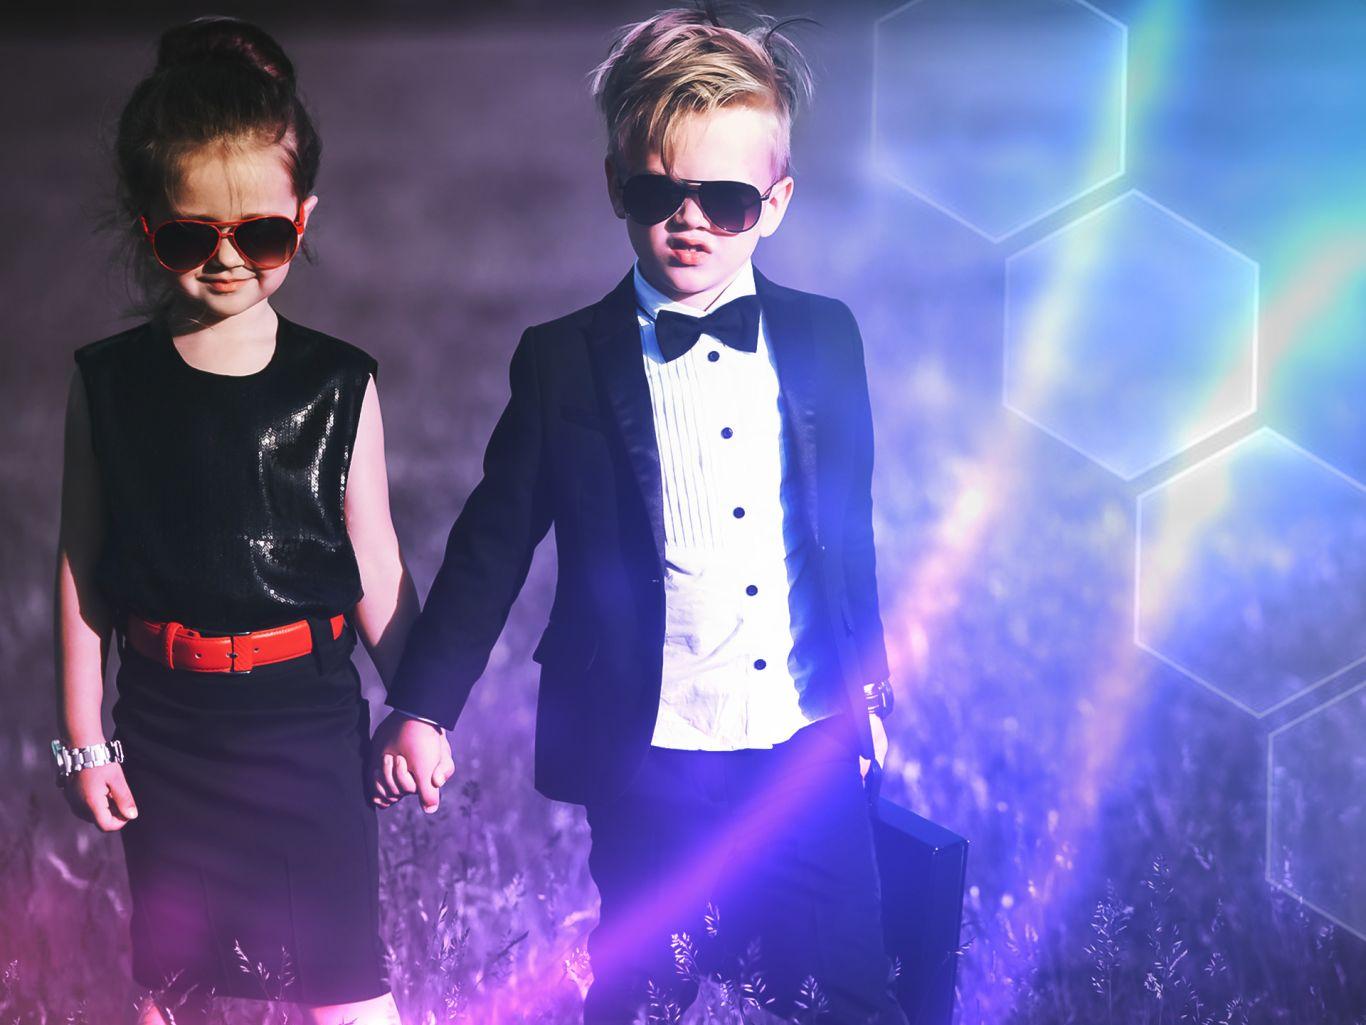 Квест Дети шпионов: Агент